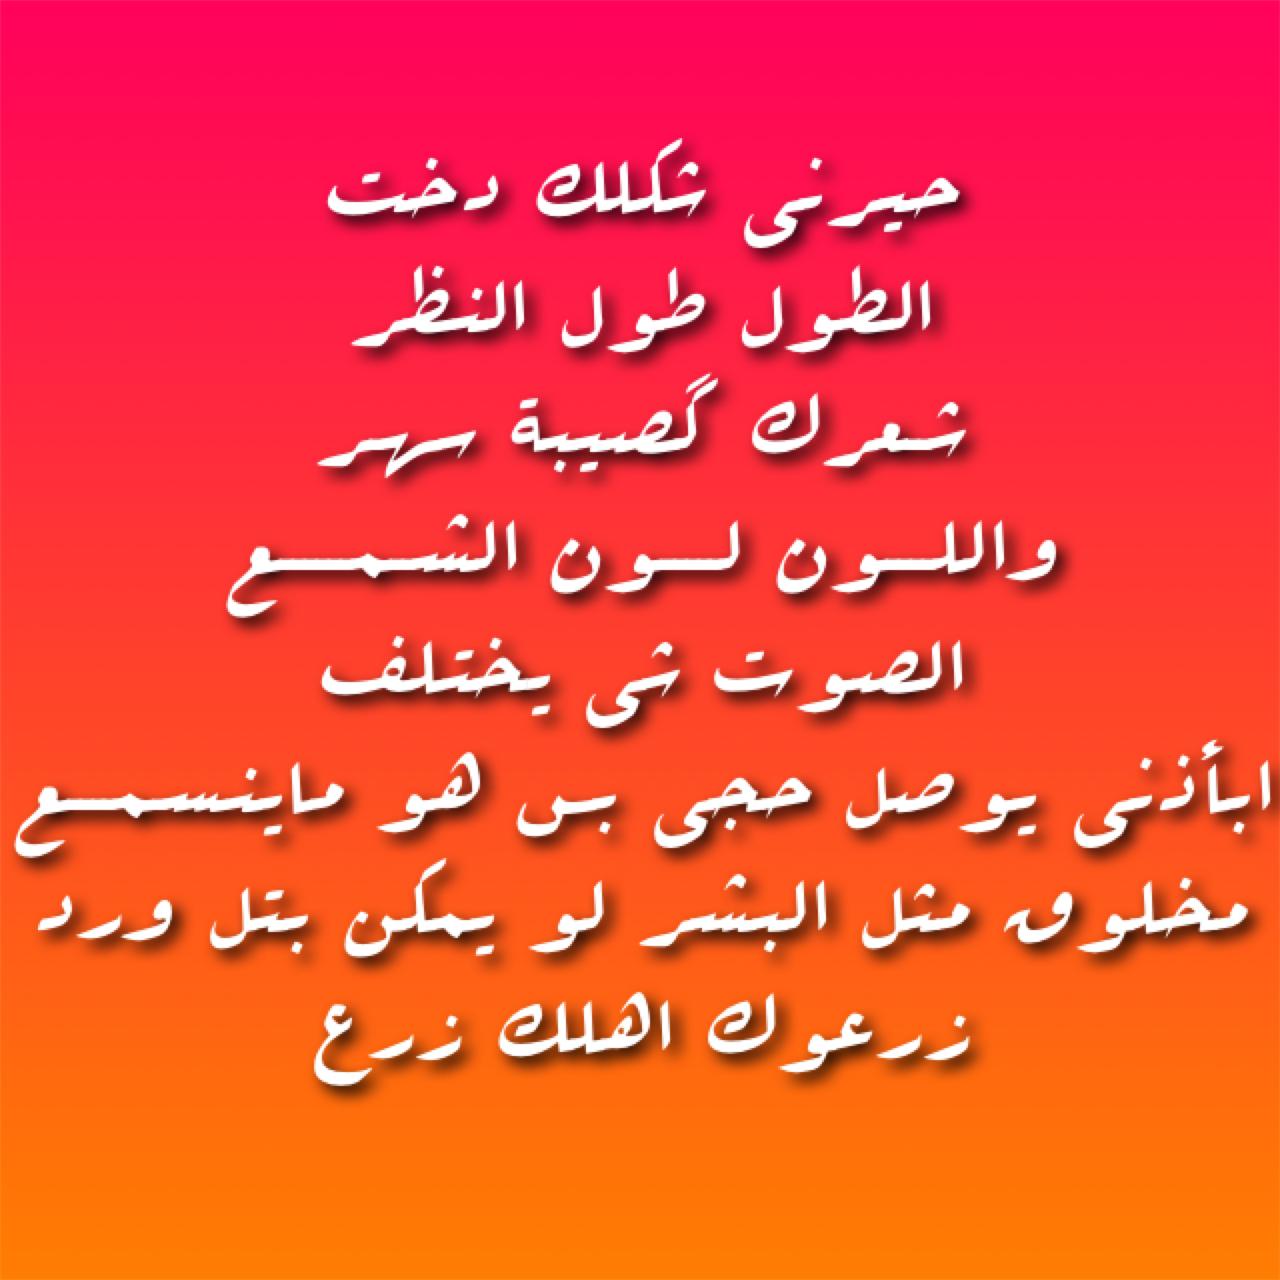 صوره شعر عراقي حزين , اجمل واروع شعر حزين